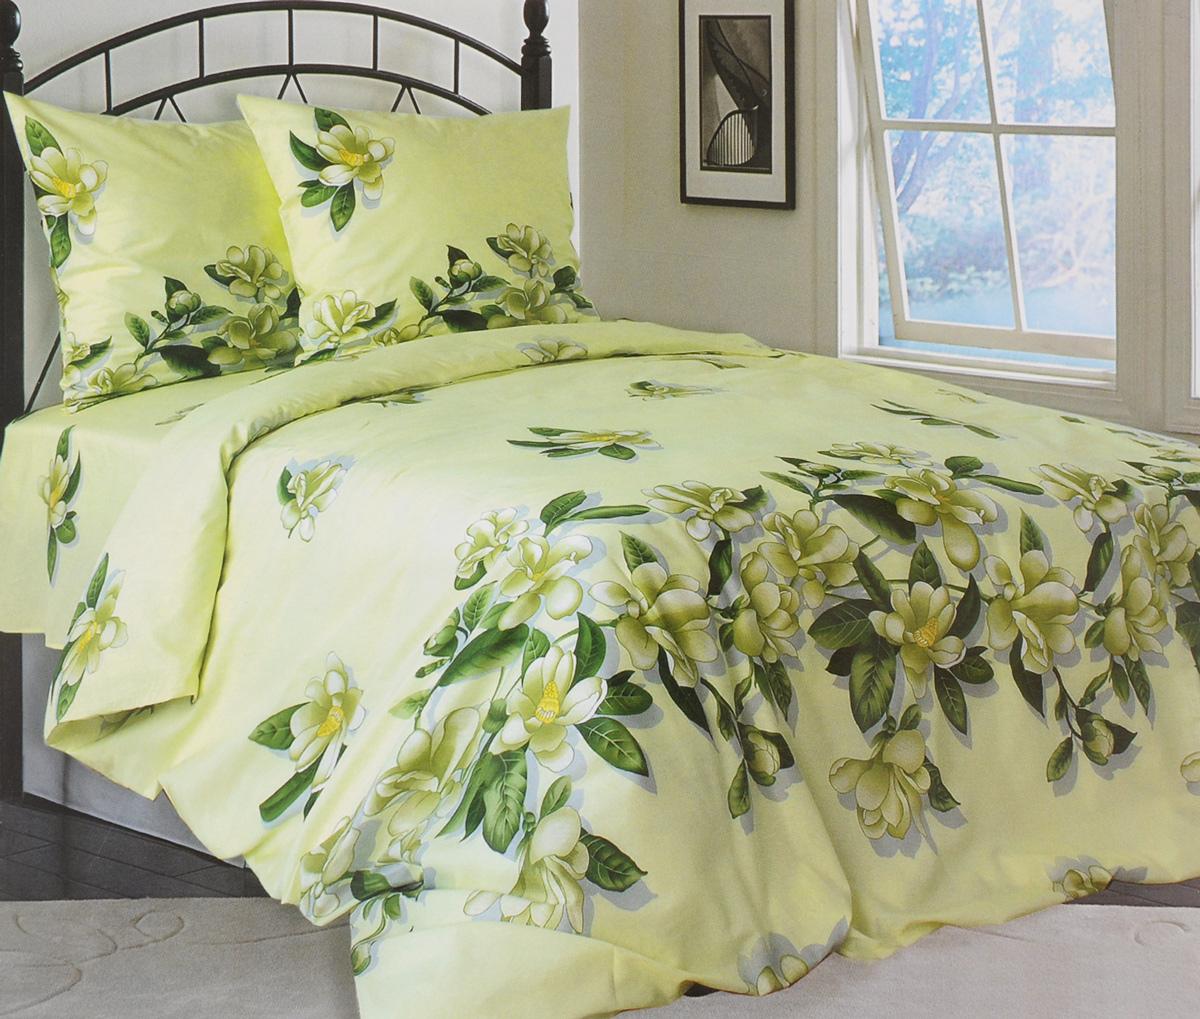 Комплект белья Катюша Юнона, 1,5-спальный, наволочки 70х70, цвет: зеленый, серый, желтый391602Роскошный комплект белья Катюша Юнона, выполненный из бязи (100% натуральногохлопка), состоит из пододеяльника, простыни и двух наволочек. Постельное белье оформлено изображением цветов и имеет изысканный внешний вид. Бязь - это ткань полотняного переплетения, изготовленная из экологически чистого и натурального 100% хлопка.Она приятная на ощупь, при этом очень прочная, хорошо сохраняет форму и легко гладится. Ткань прекрасно пропускает воздух и за ней легко ухаживать. Приобретая комплект постельного белья Катюша Юнона, вы можете быть уверенны в том, что покупка доставит вам и вашим близким удовольствие и подарит максимальный комфорт.